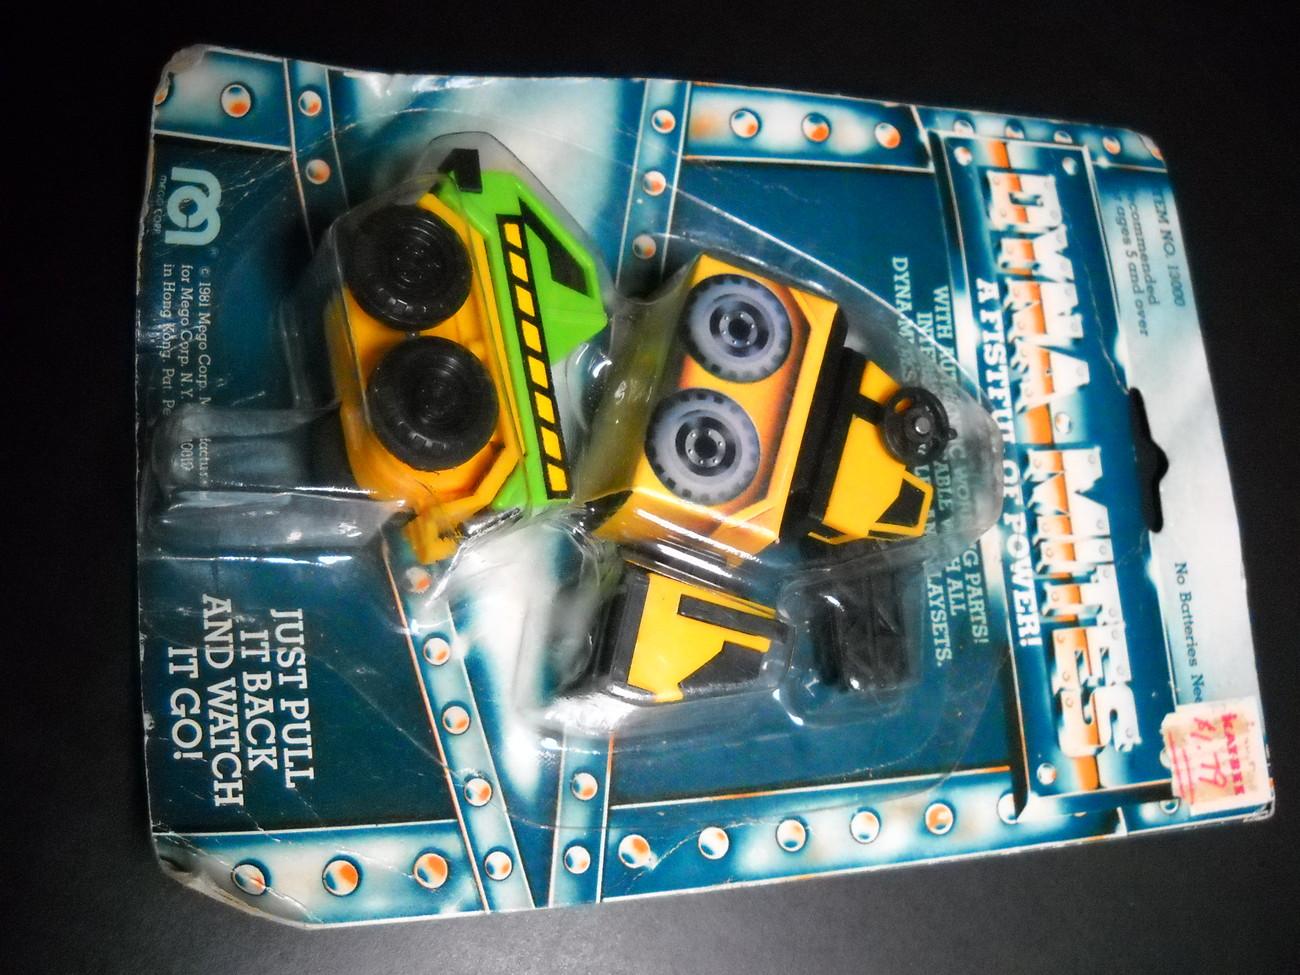 Toy mego dyna mites vehicles 1981 sealed 01